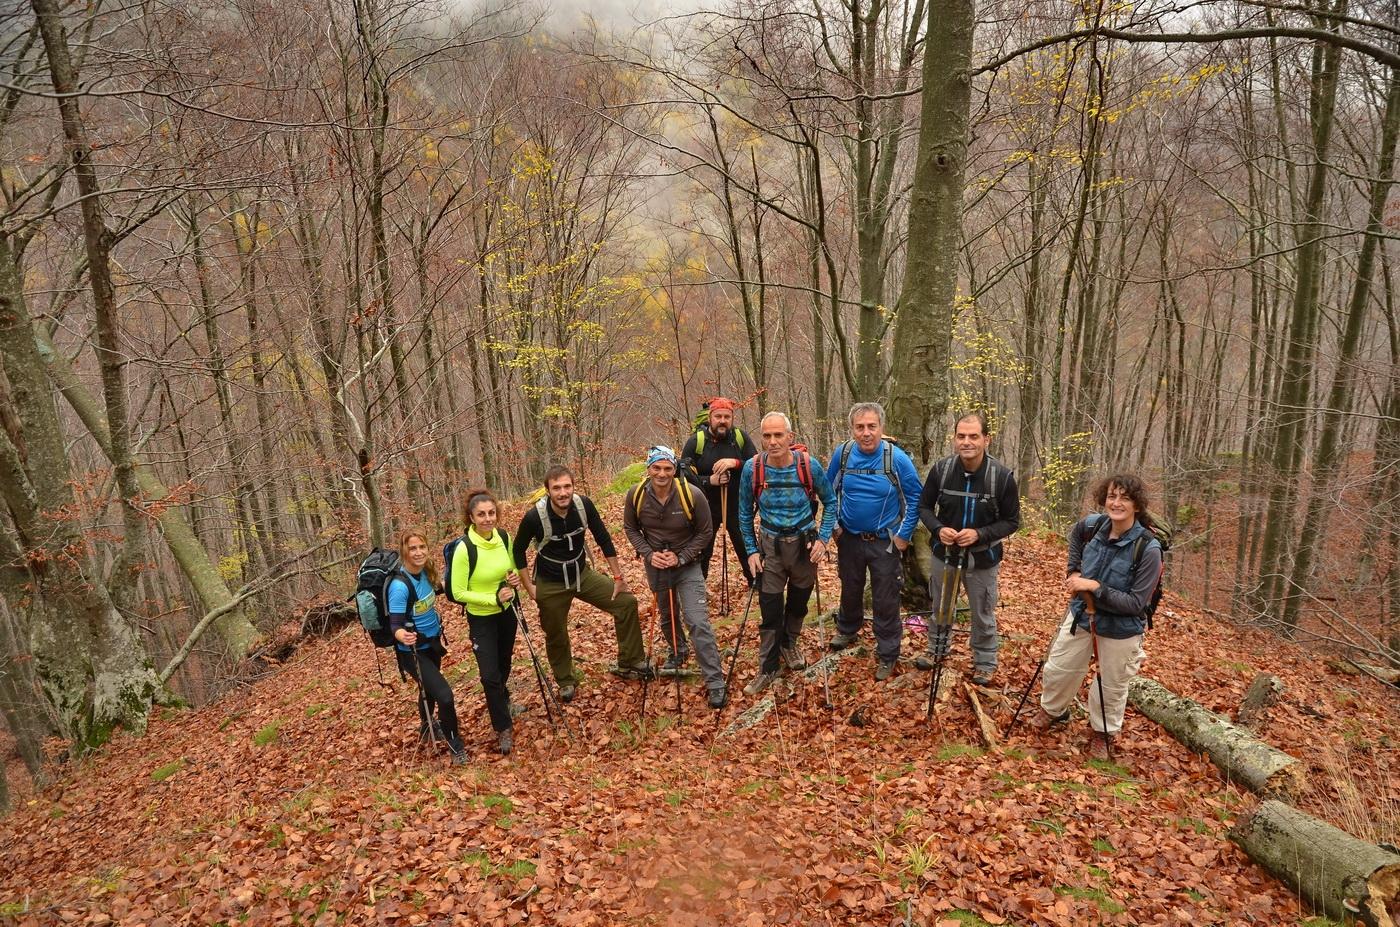 Διάσχιση Ροδόπης μήκους 18 χιλιομέτρων από το χωριό Δημάριο των μελών του Ελληνικού Ορειβατικού Συλλόγου Καβάλας